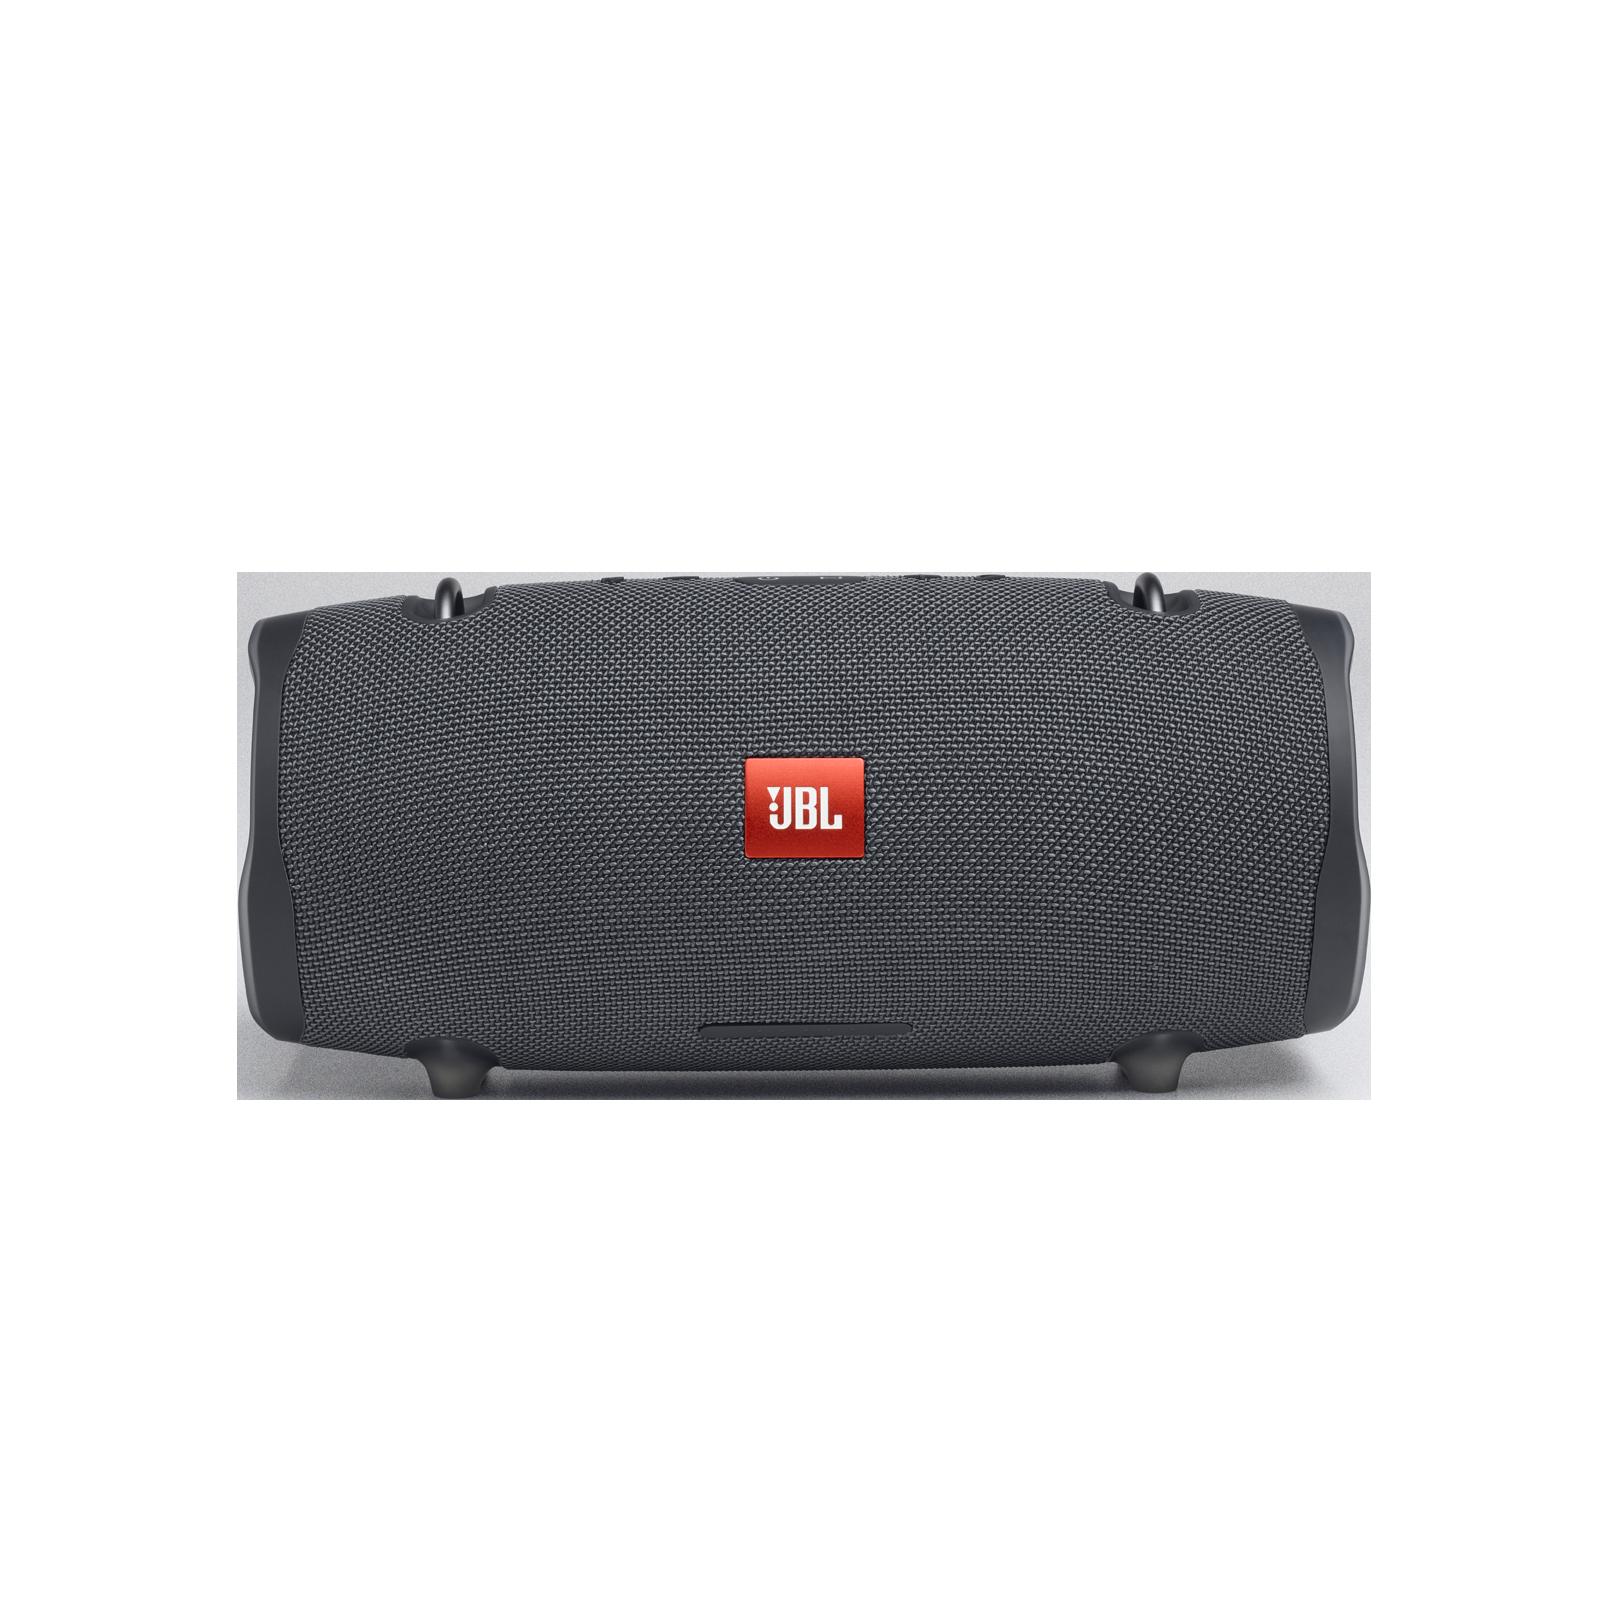 JBL Xtreme 2 Gun Metal - Gun Metal - Portable Bluetooth Speaker - Front